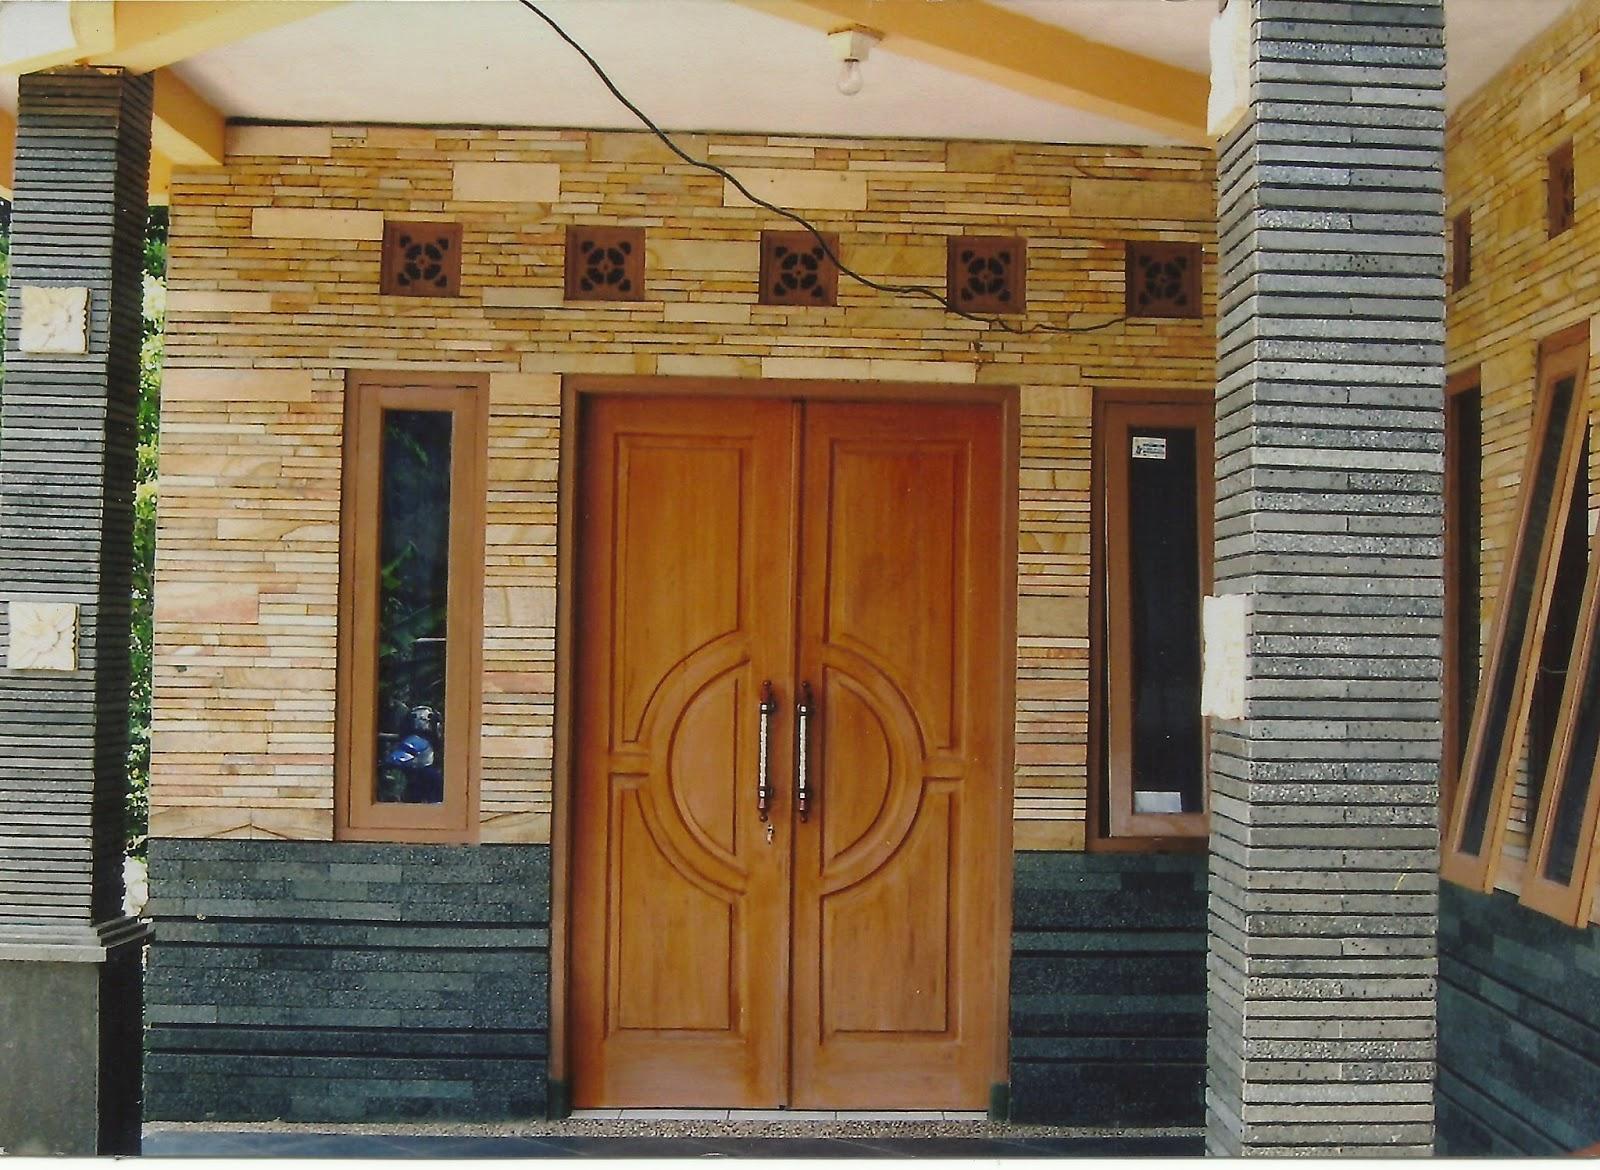 keramik batu alam untuk dinding depan rumah